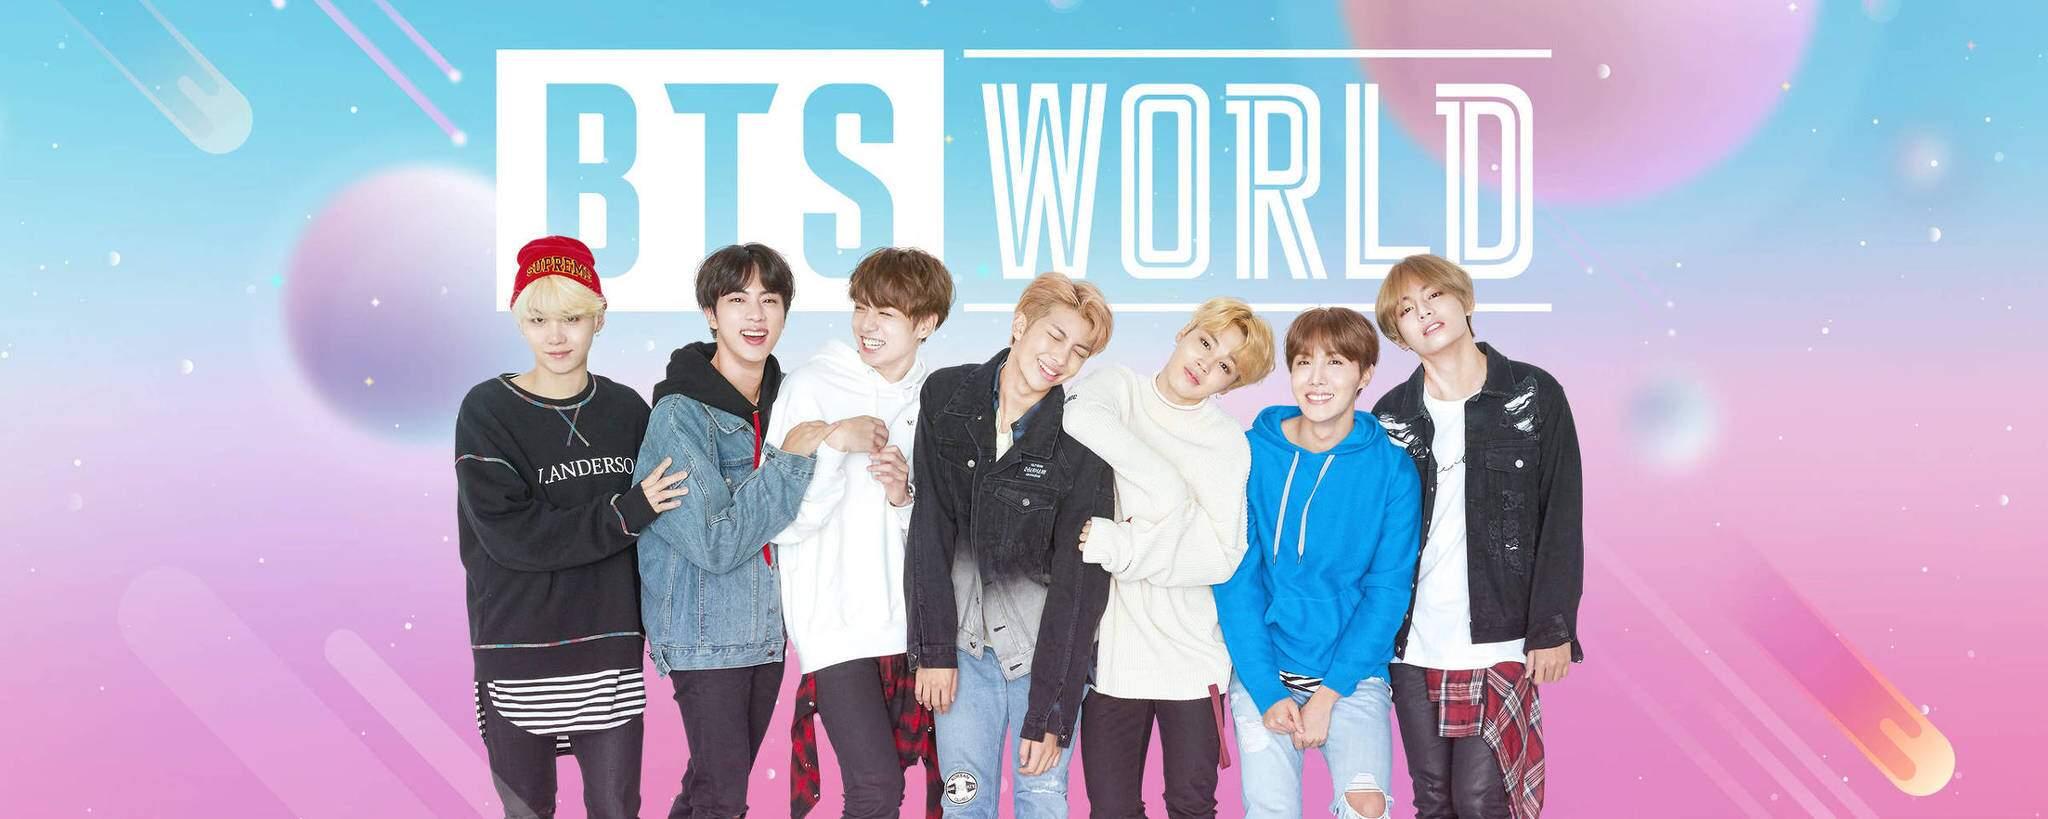 Banda sul-coreana BTS, uma das principais de k-pop do mundo (Foto: Divulgação)